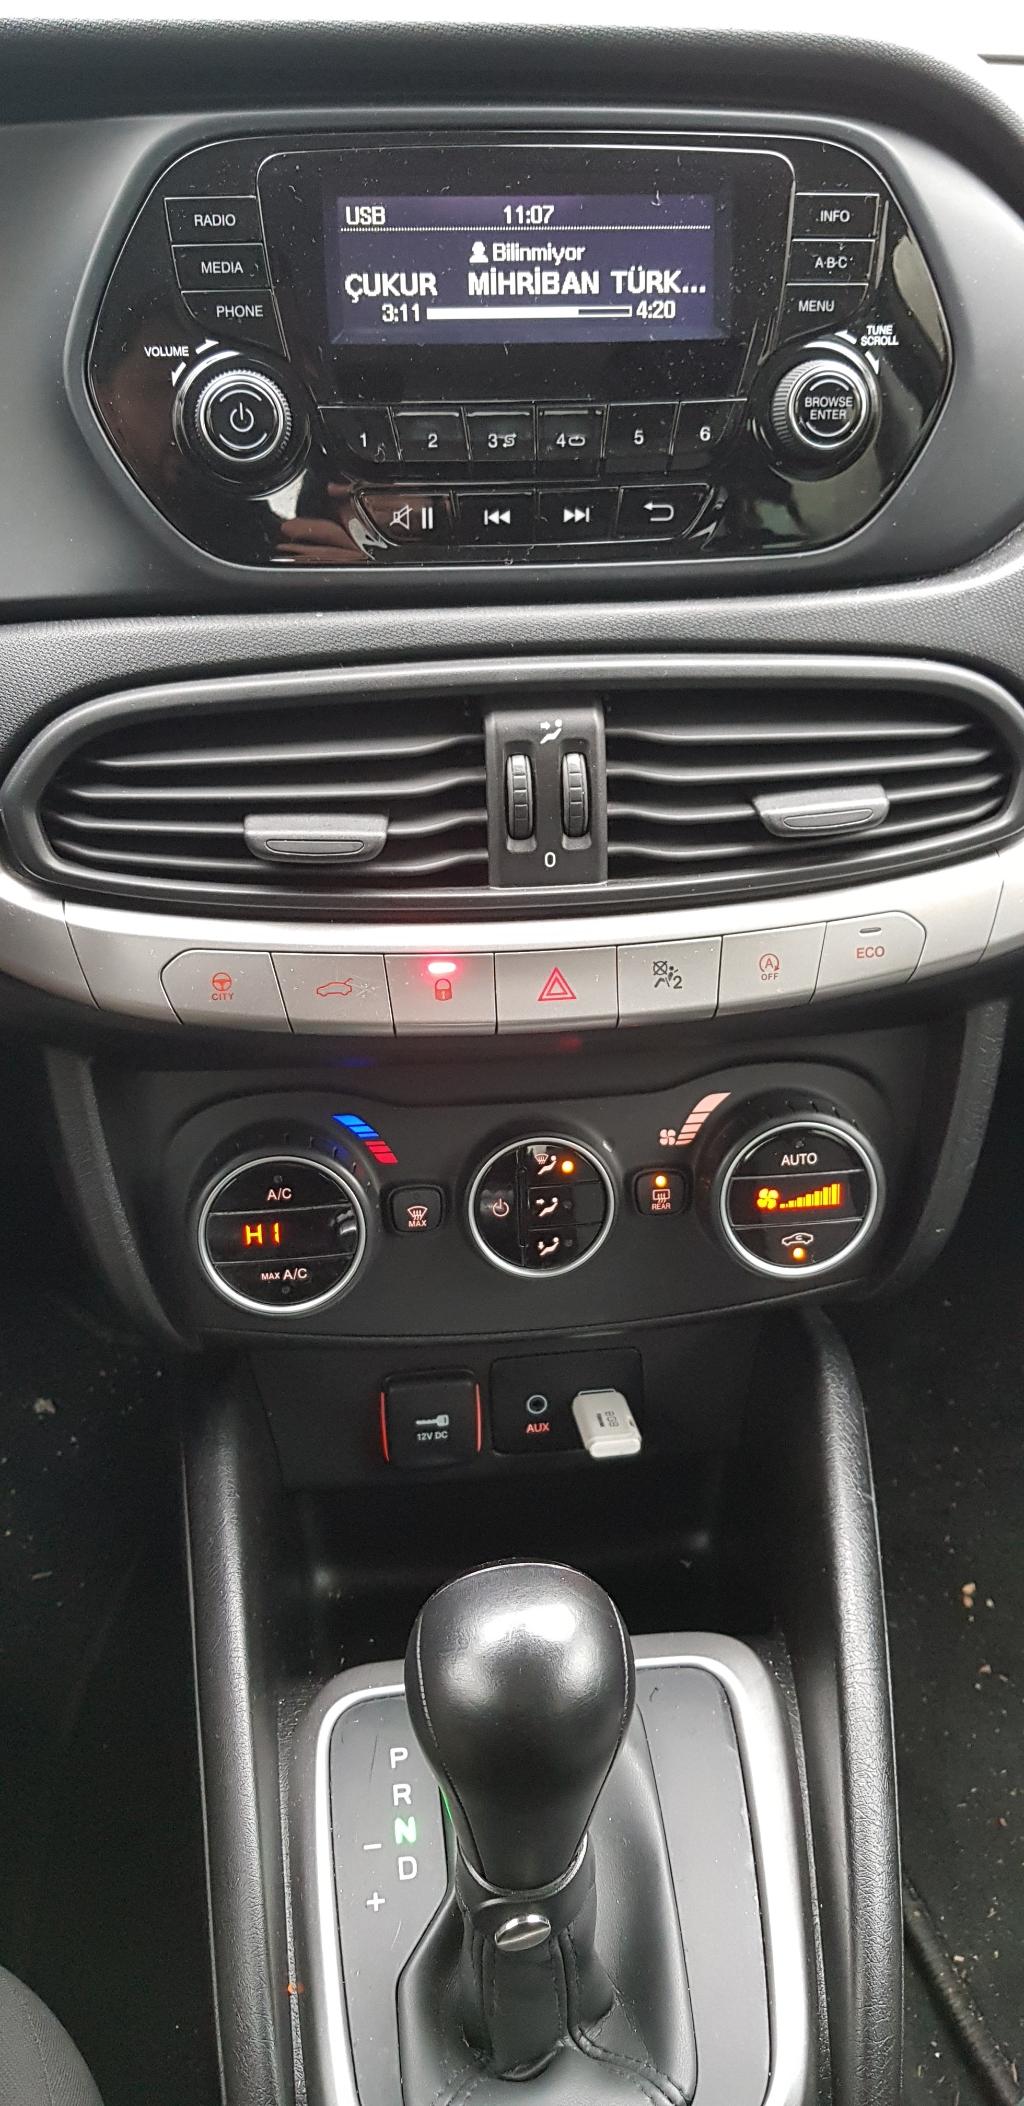 FIAT Egea 2016 Model Dizel Otomatik Vites Kiralik Araç - FC3E